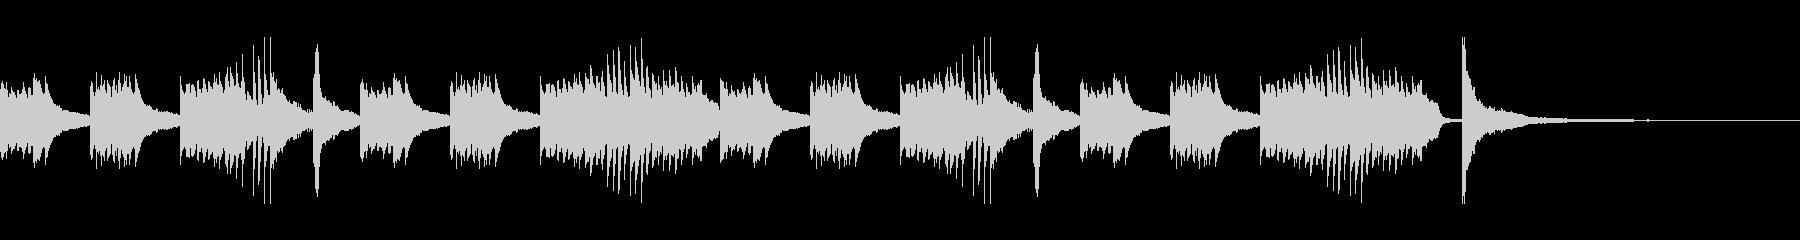 力強く透明感のあるピアノ曲の未再生の波形